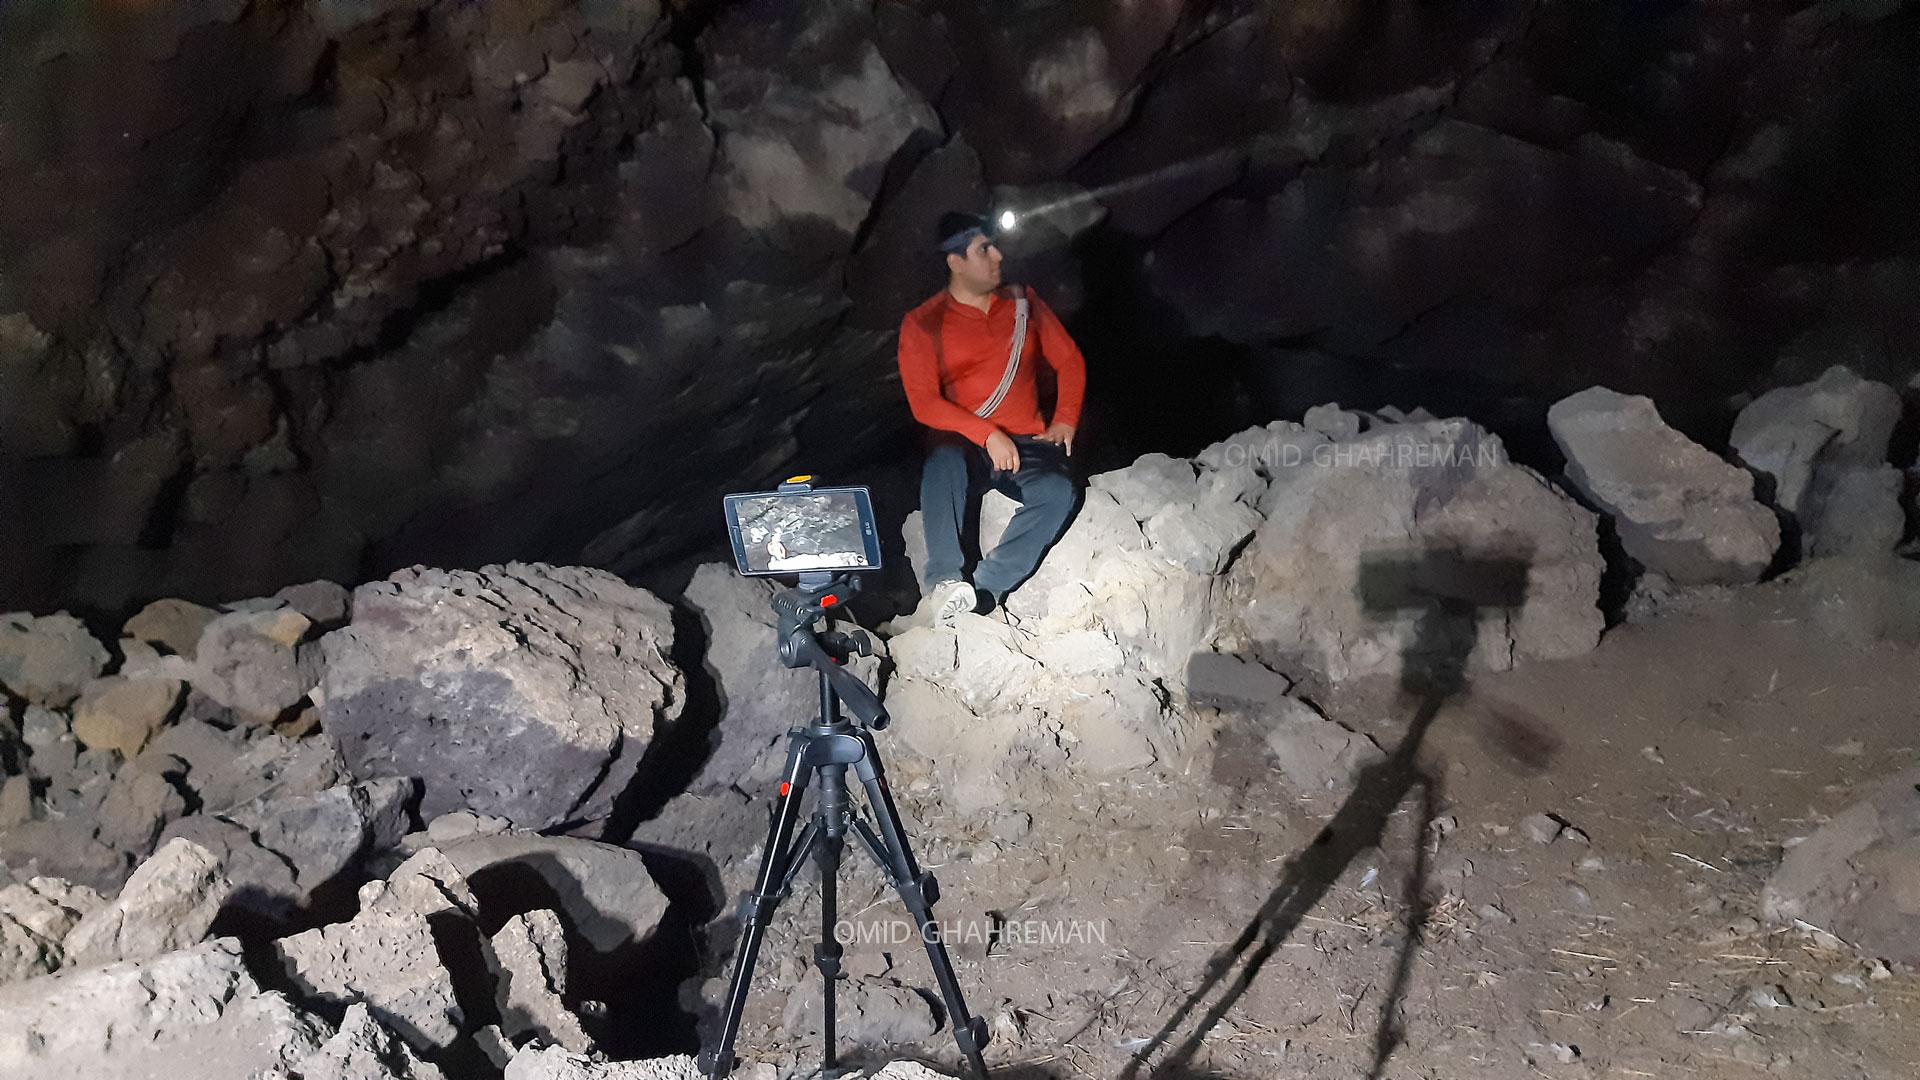 امید قهرمان و غار اتش فشانی در ماکو Omid Ghahreman